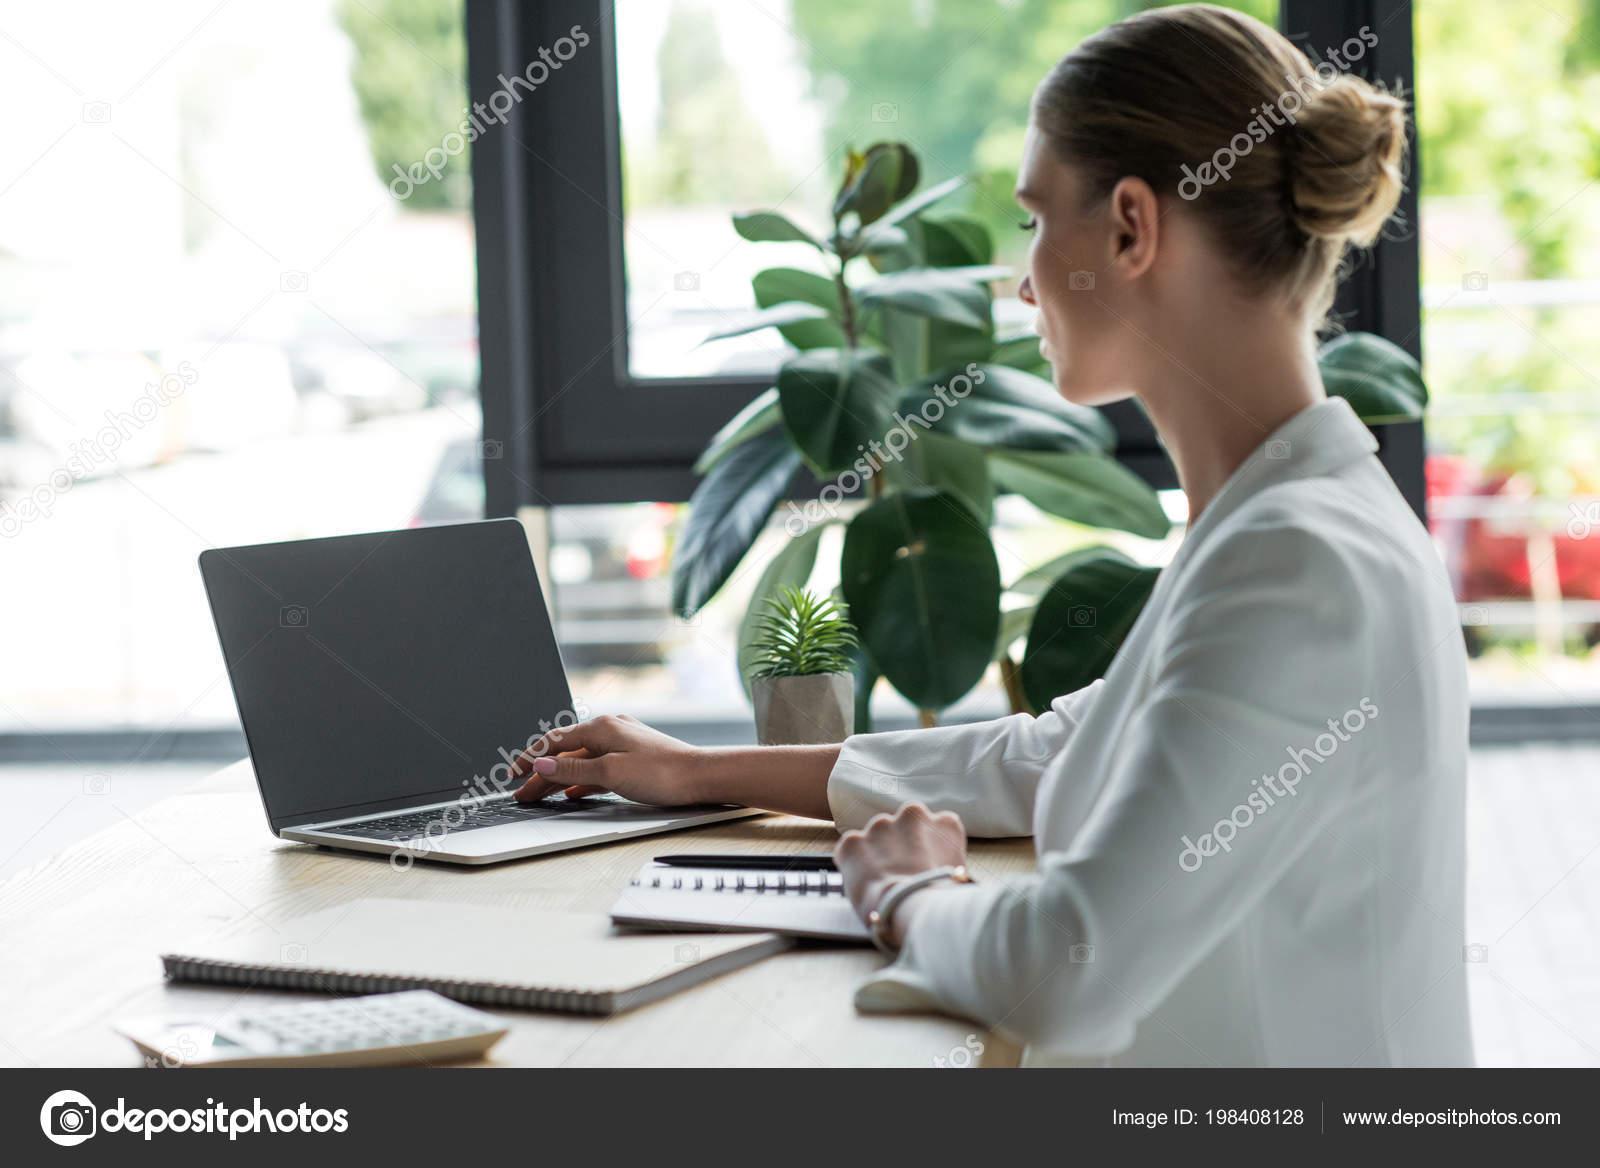 Картинка работа за компьютером девушка девушки на работе игра